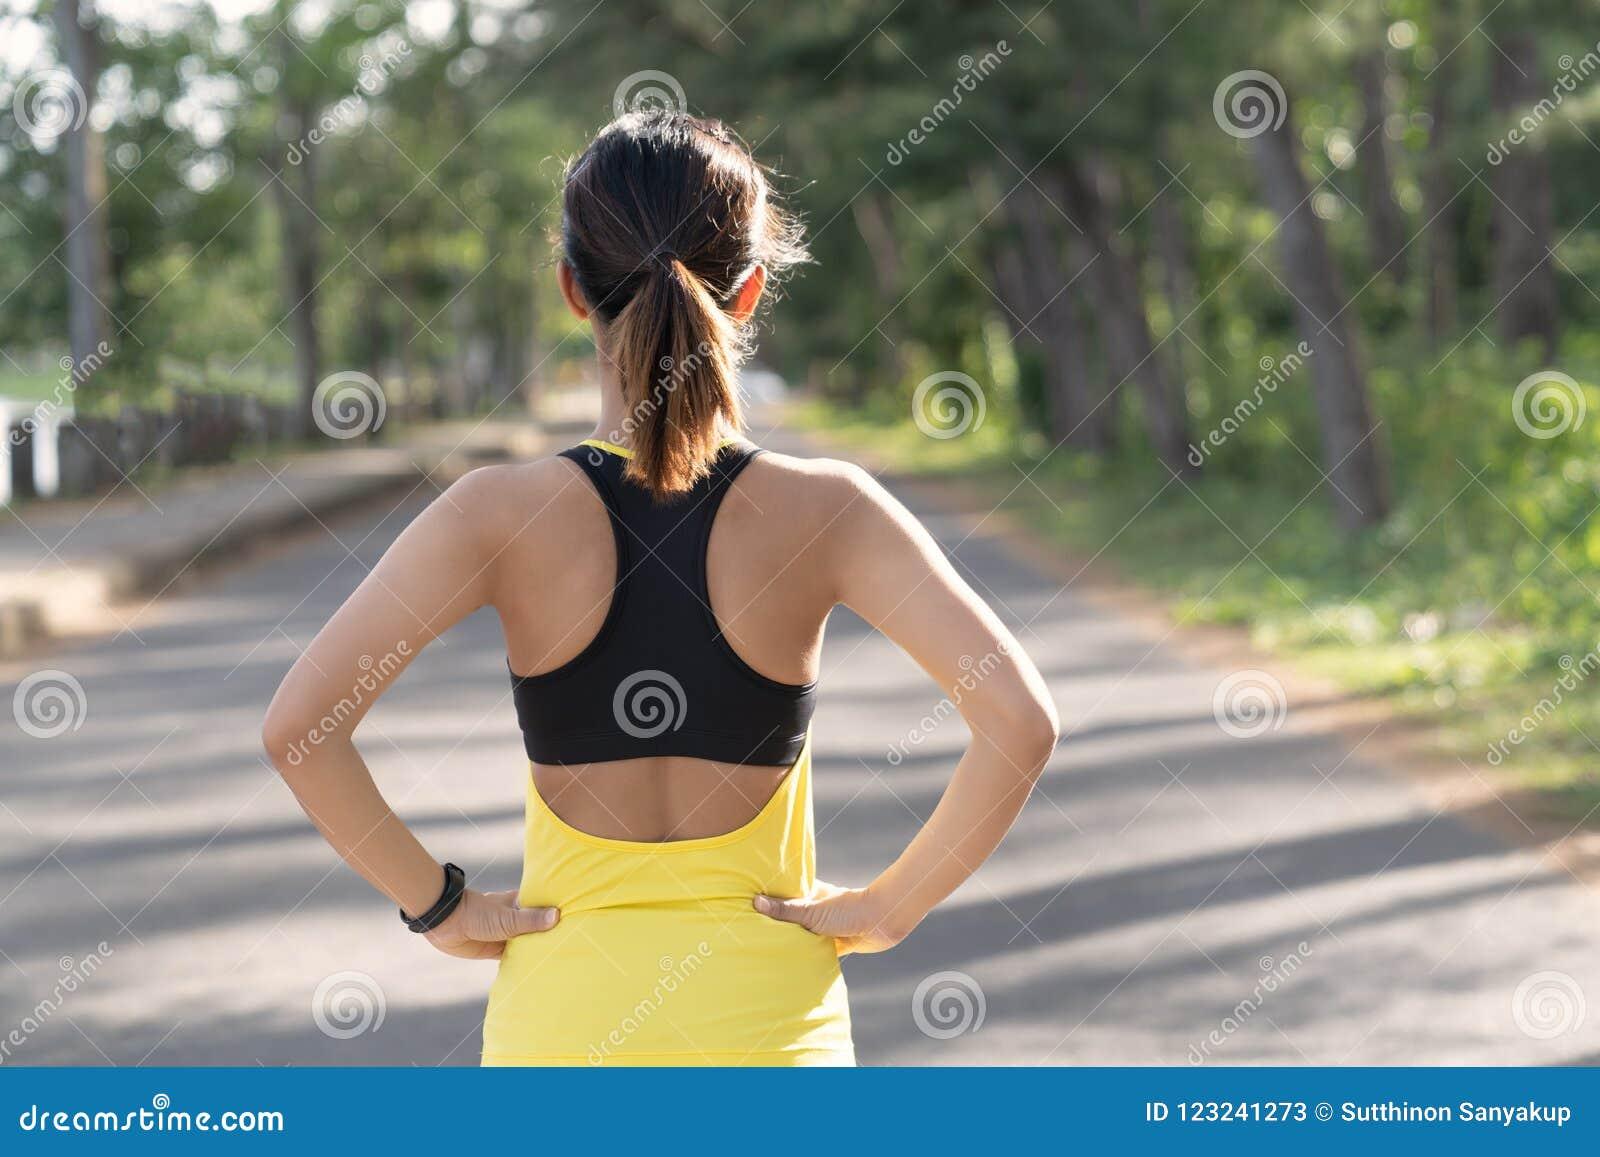 Vue arrière de la jeune femme de forme physique courant sur la route le matin, les personnes et le concept de sport, foyer sélect